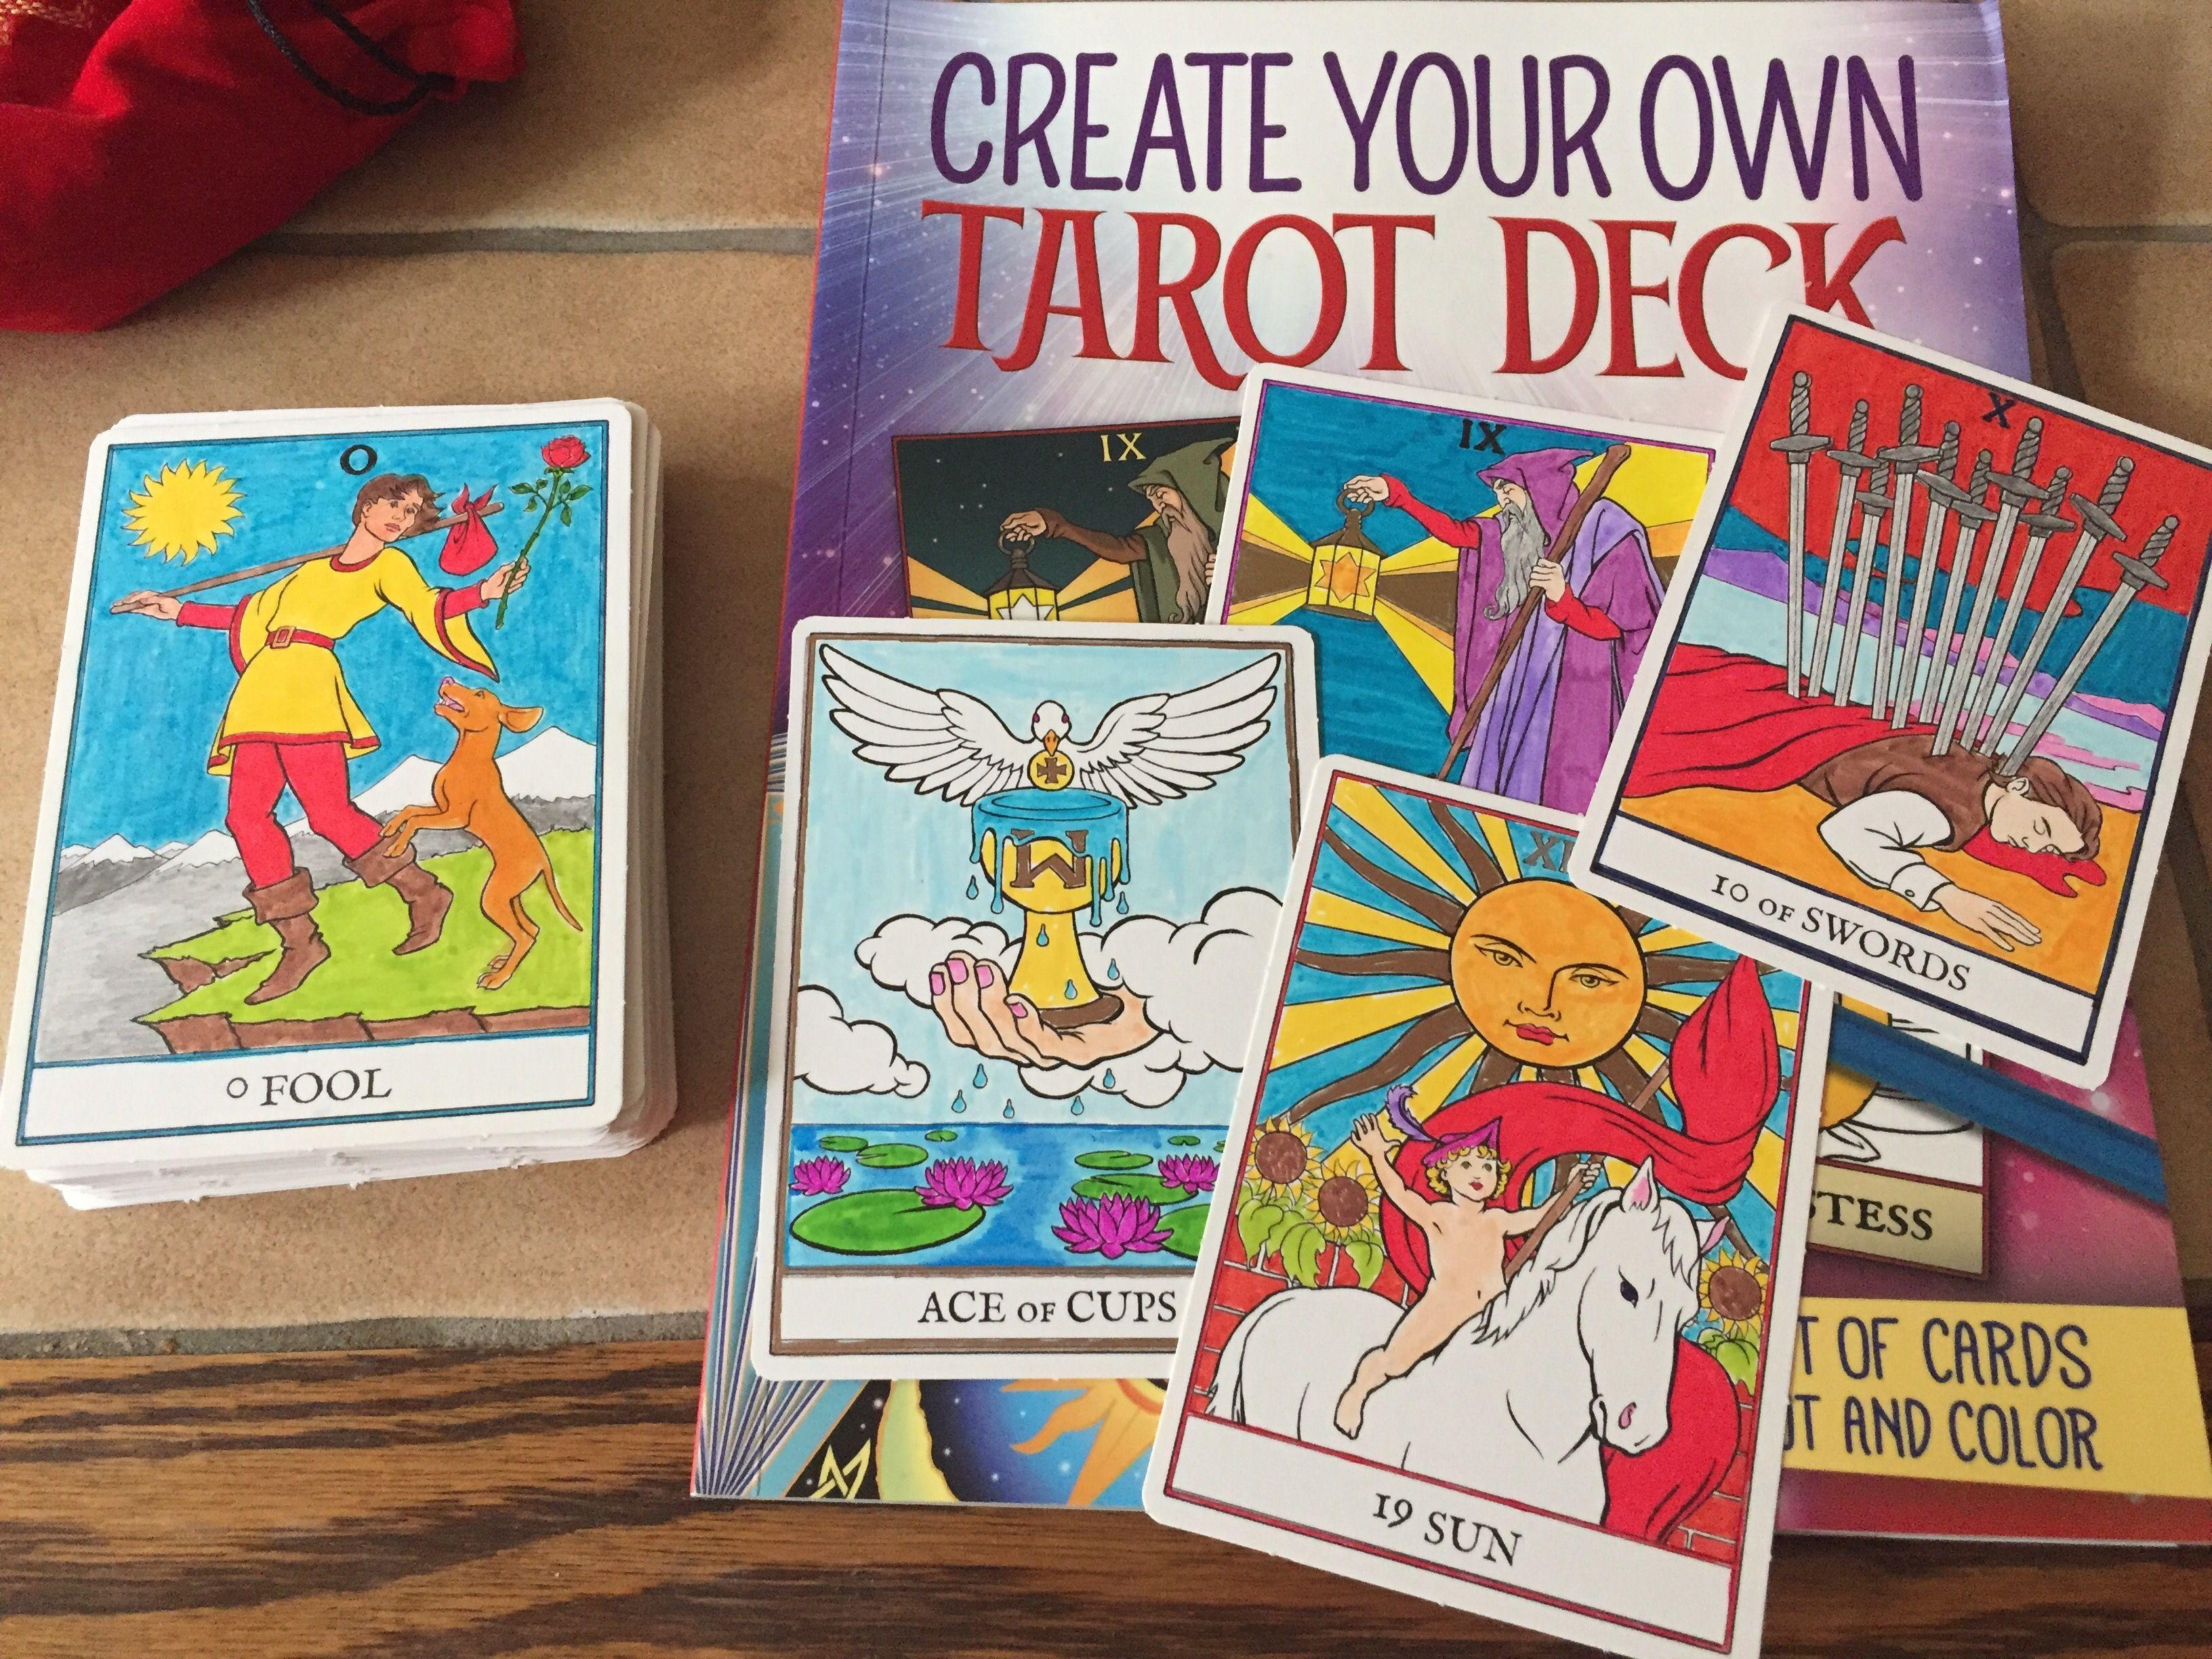 Tania Bouckaert Finished My Colour Your Own Tarot Deck Yay Tarot Decks Tarot Cards